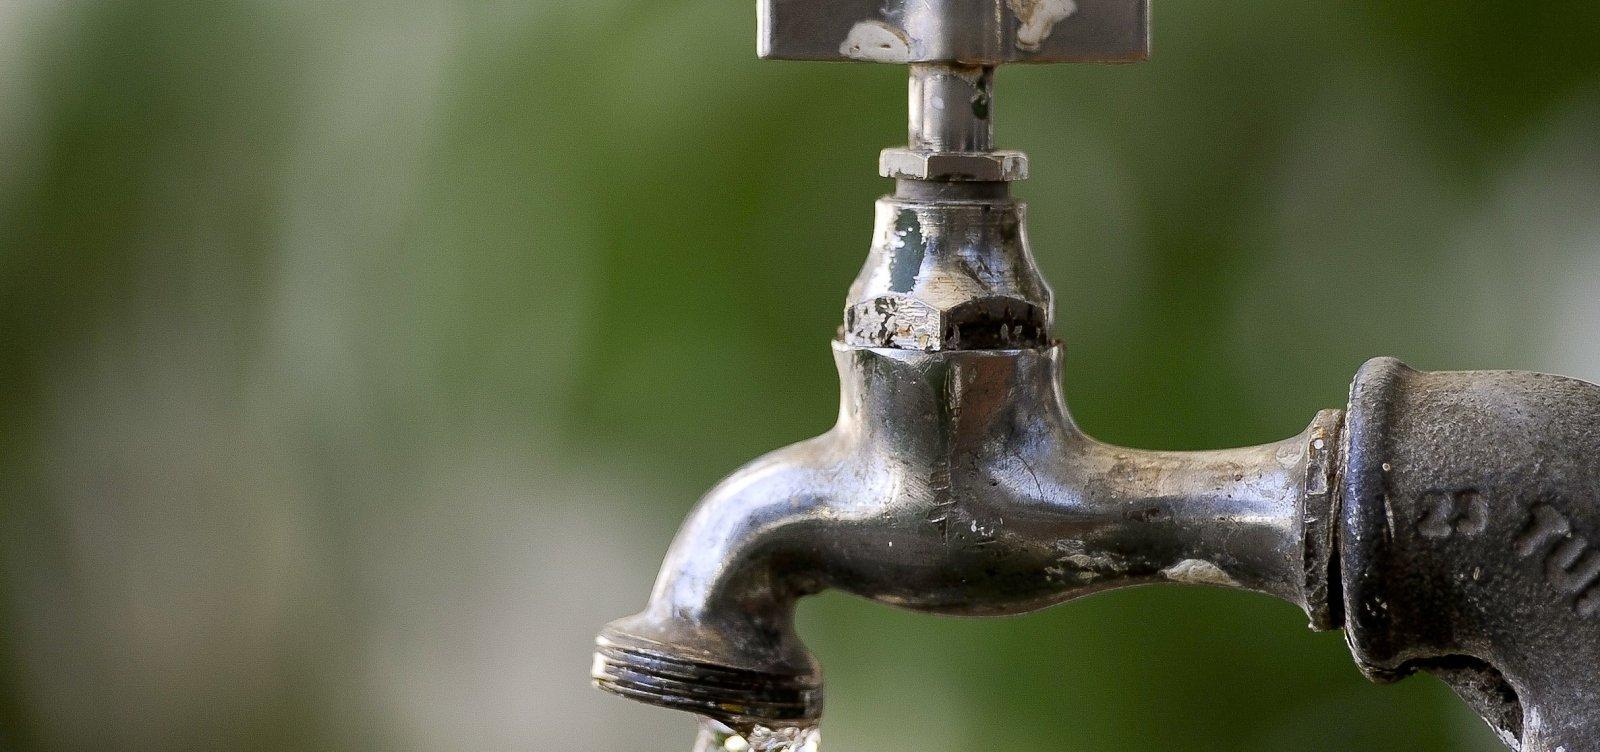 [Embasa interrompe fornecimento de água em 24 bairros de Salvador nesta quinta]